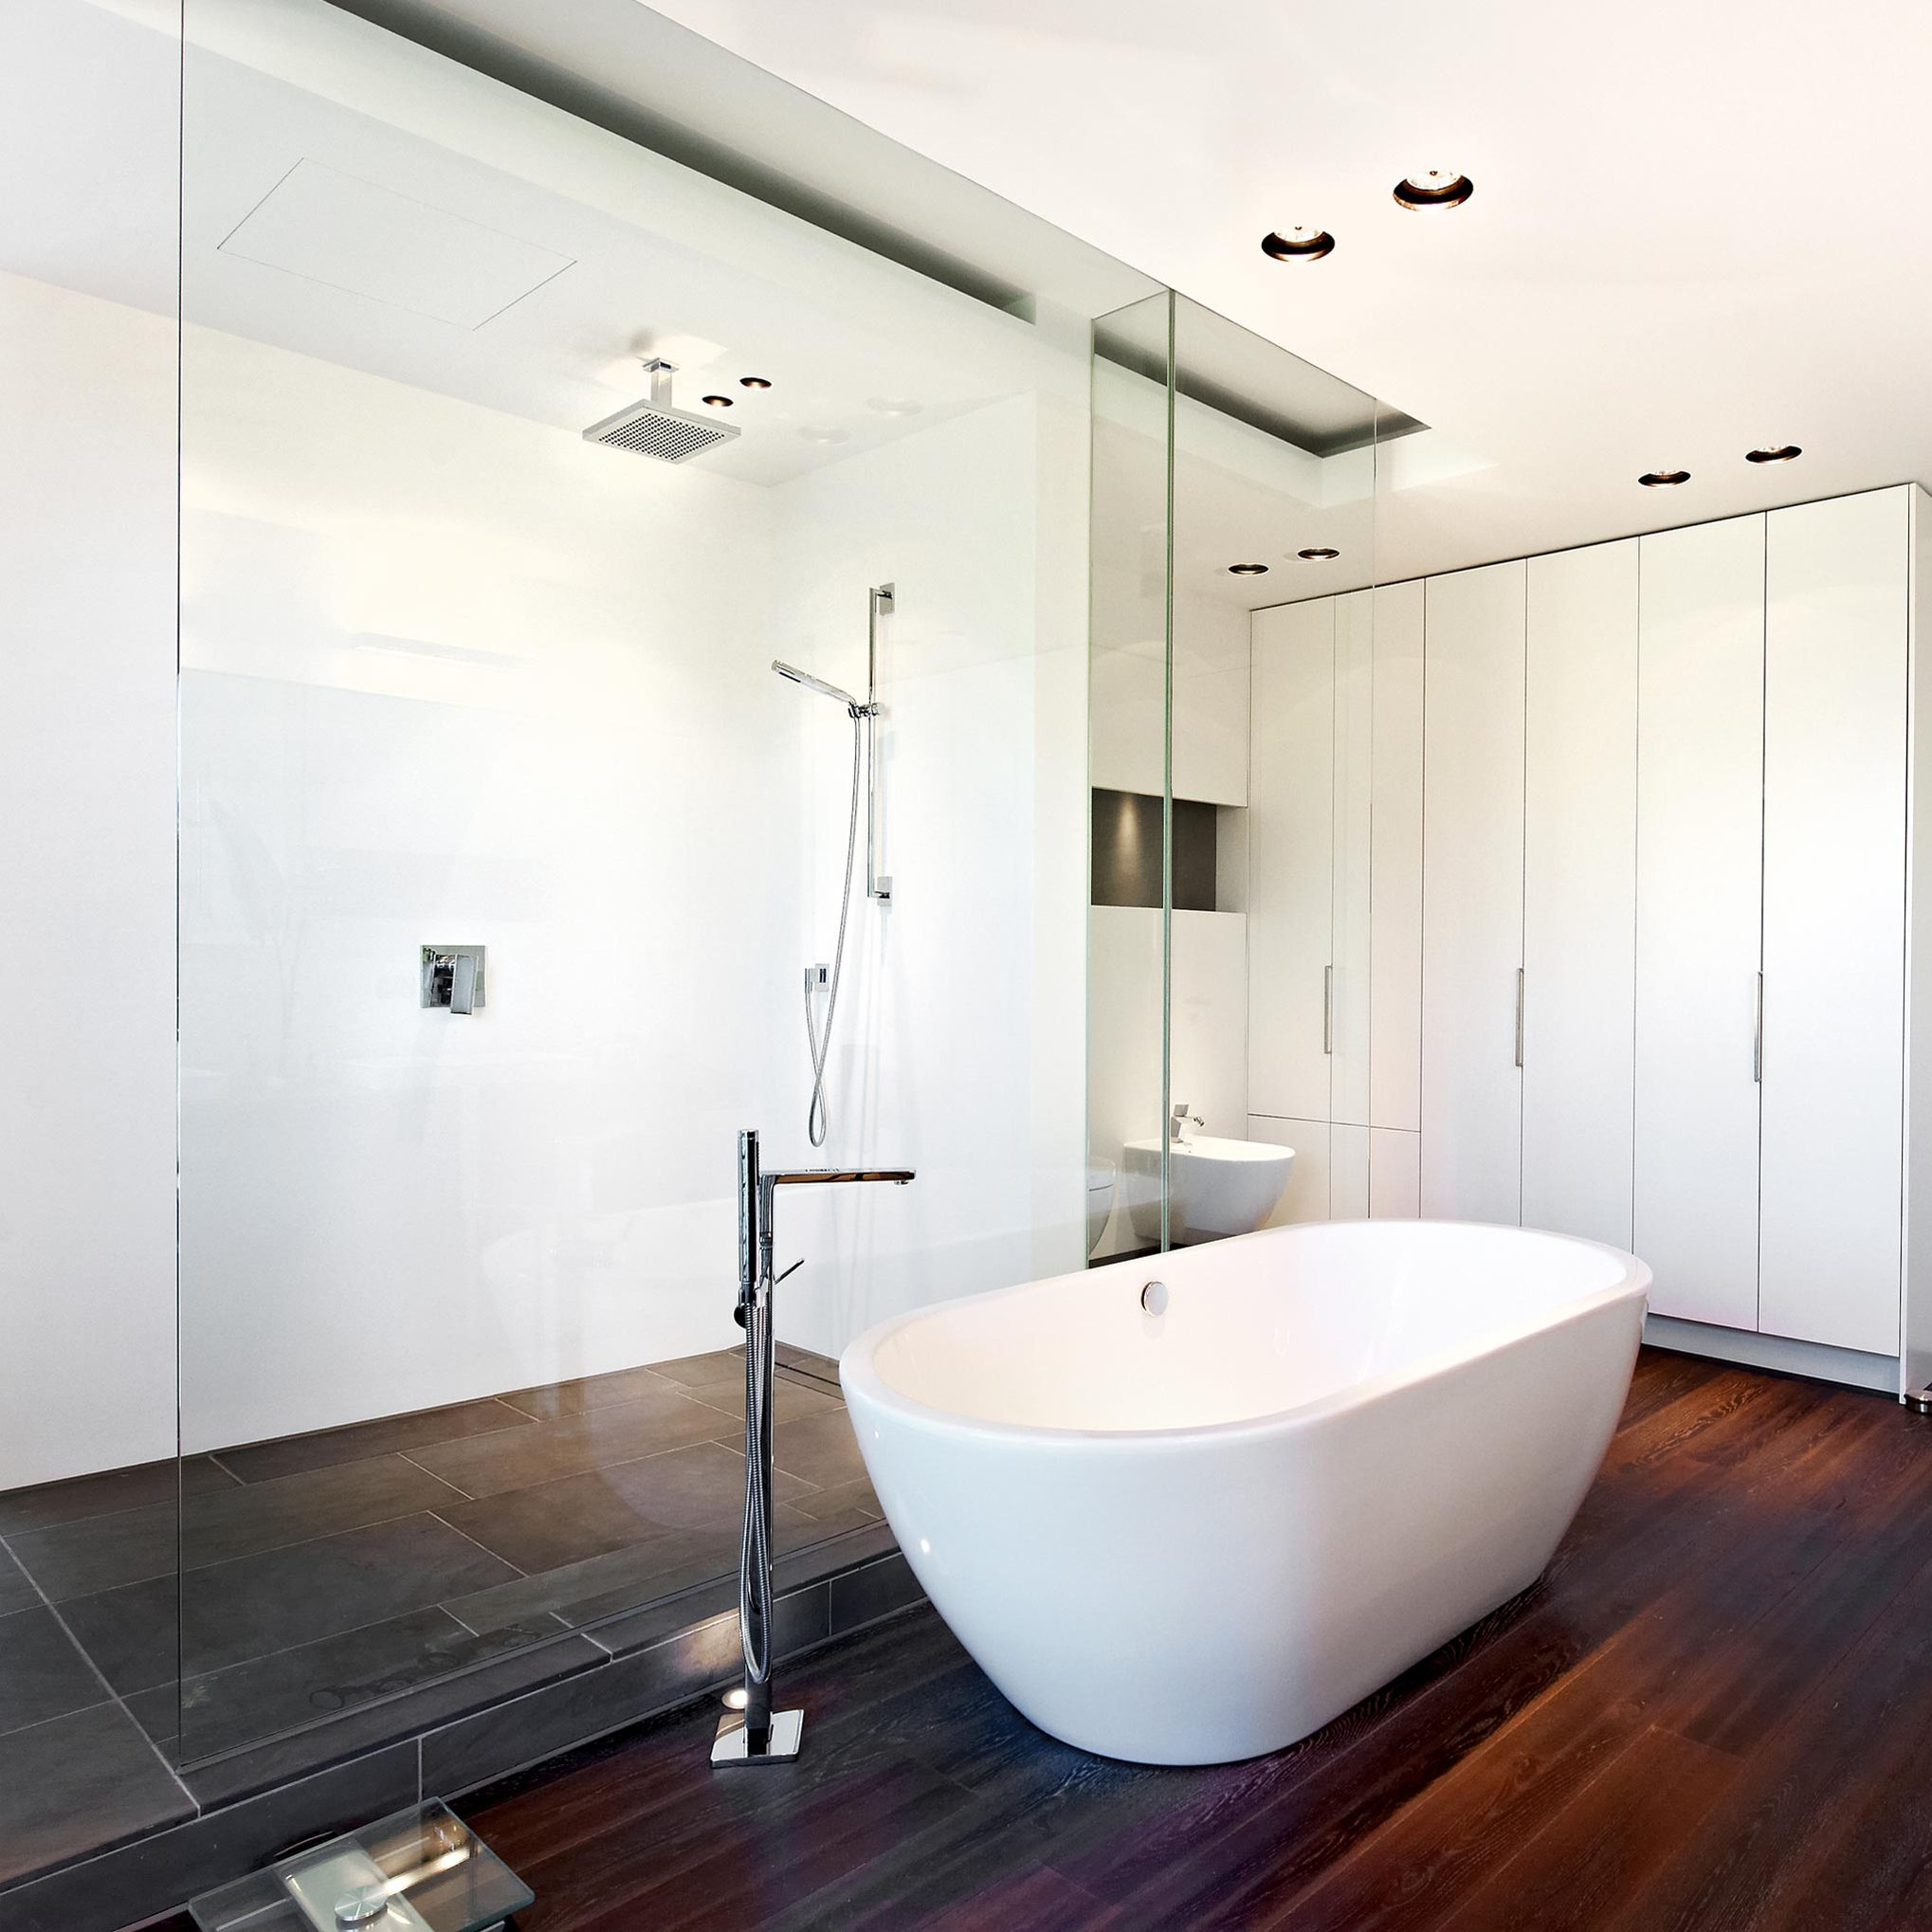 referenzen wand 05 bad hamburg wasser r ume maler kudra raumplanung und. Black Bedroom Furniture Sets. Home Design Ideas